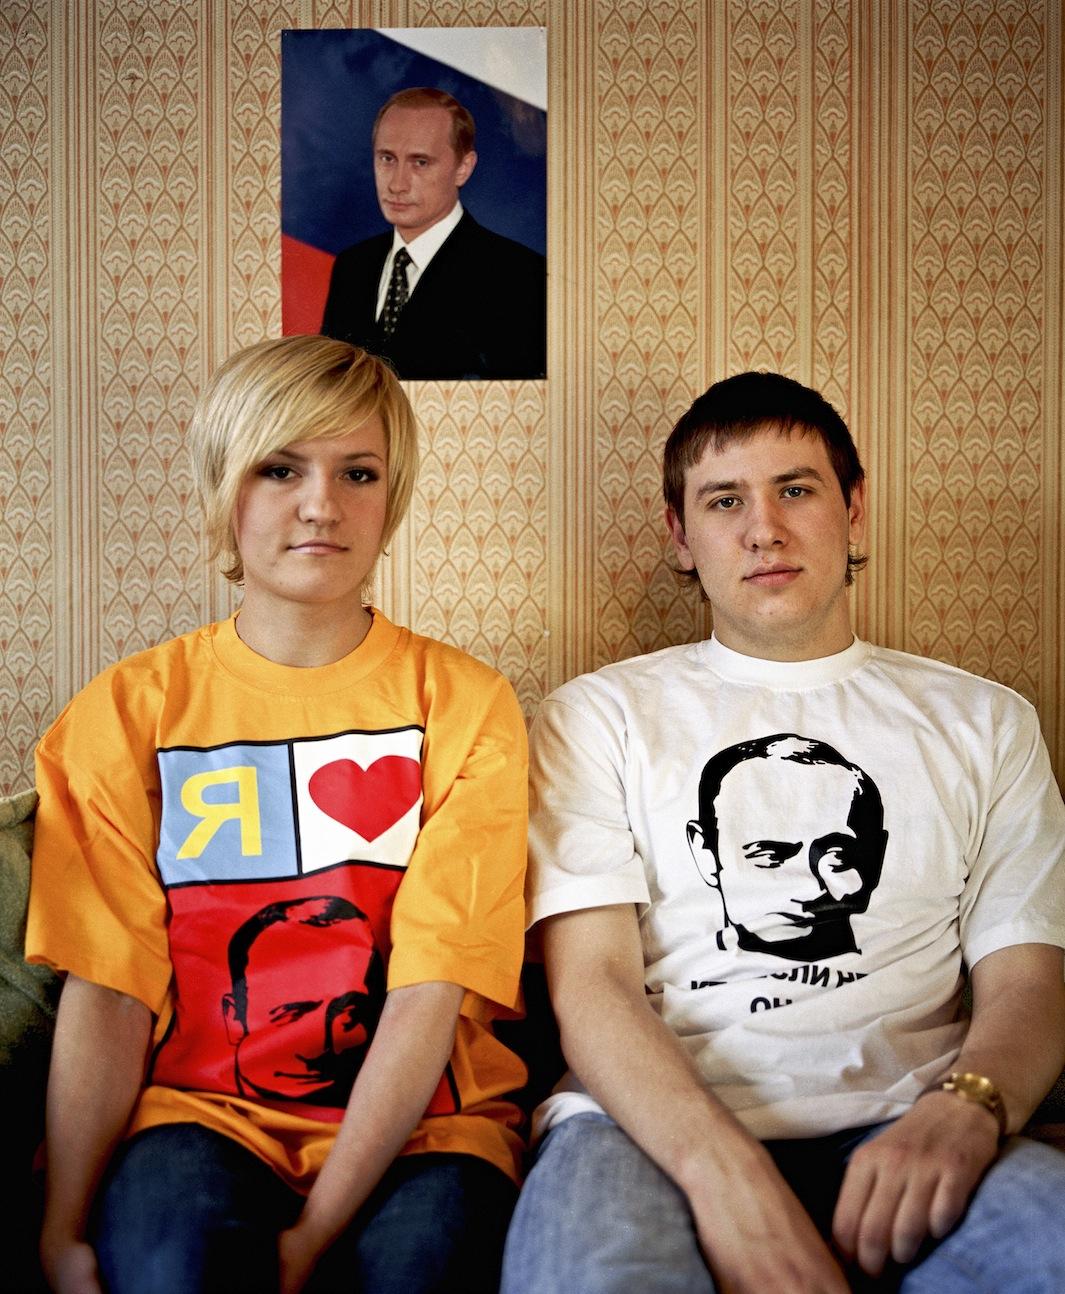 """Yulya Pipilova: """"Ho cinque magliette diverse che raffigurano Putin, e varie cartoline con VV. Le creiamo e le stampiamo per tutti""""."""